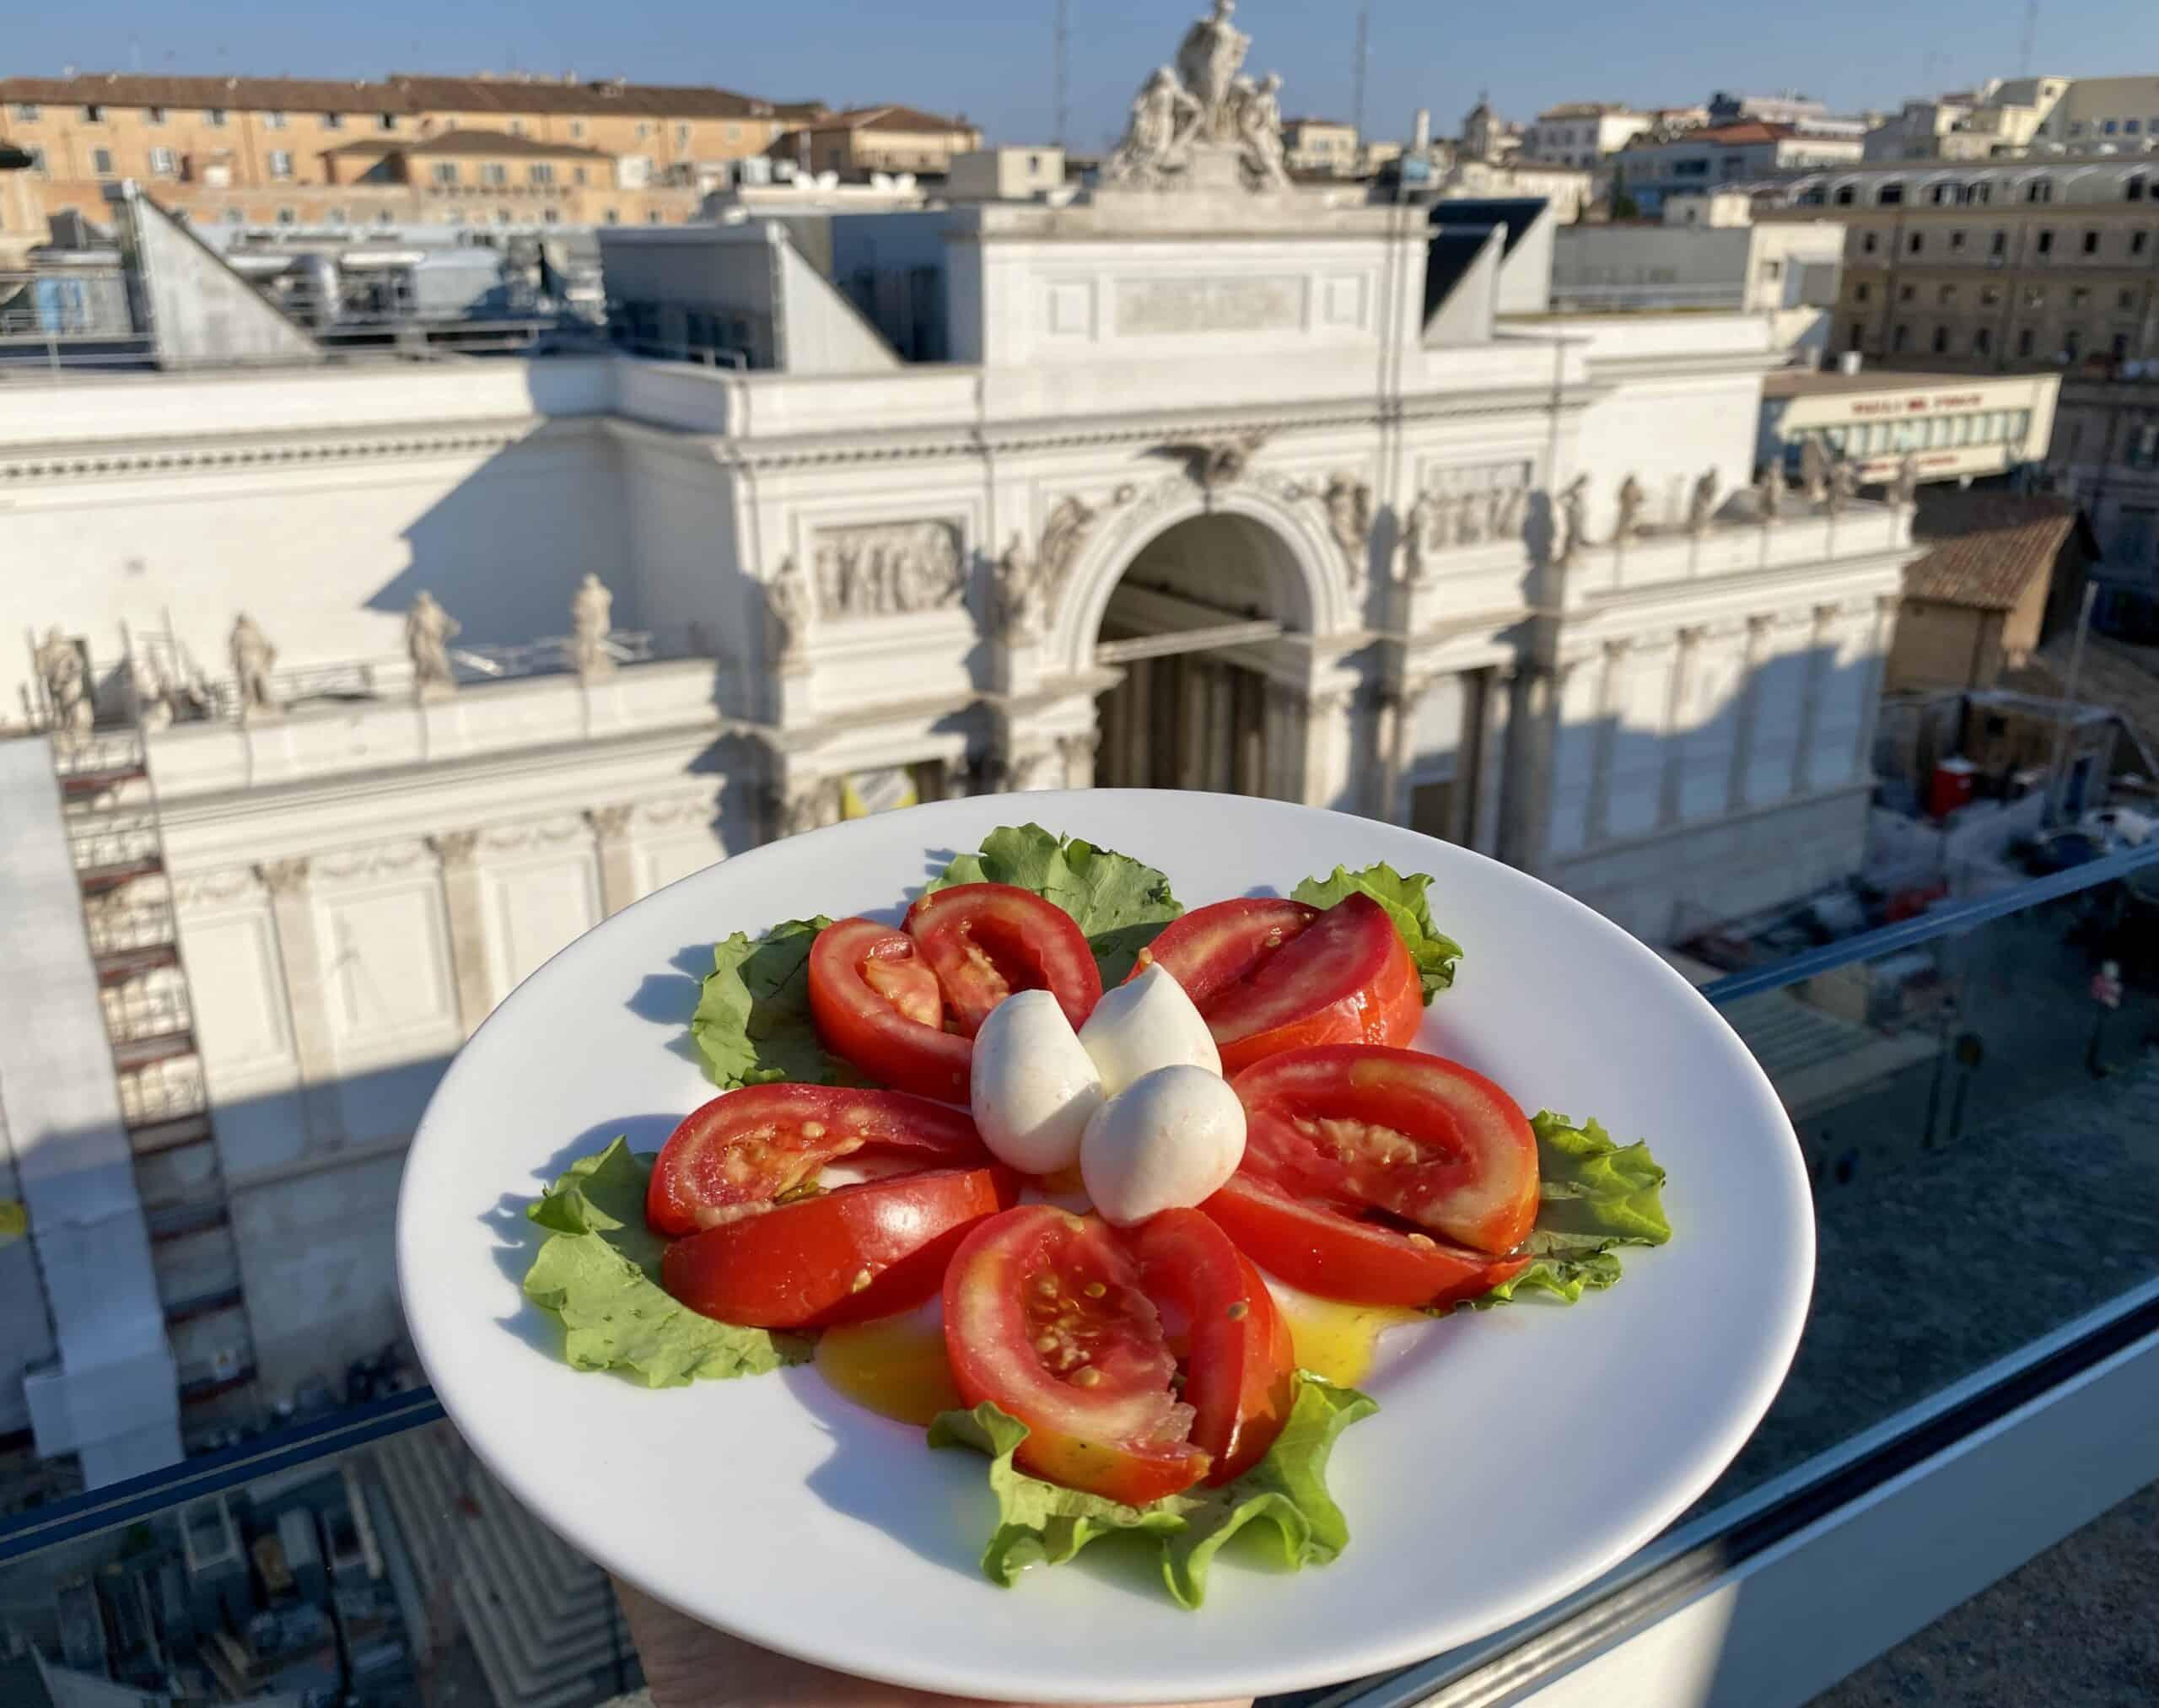 tomatoes and mozzarella in rome